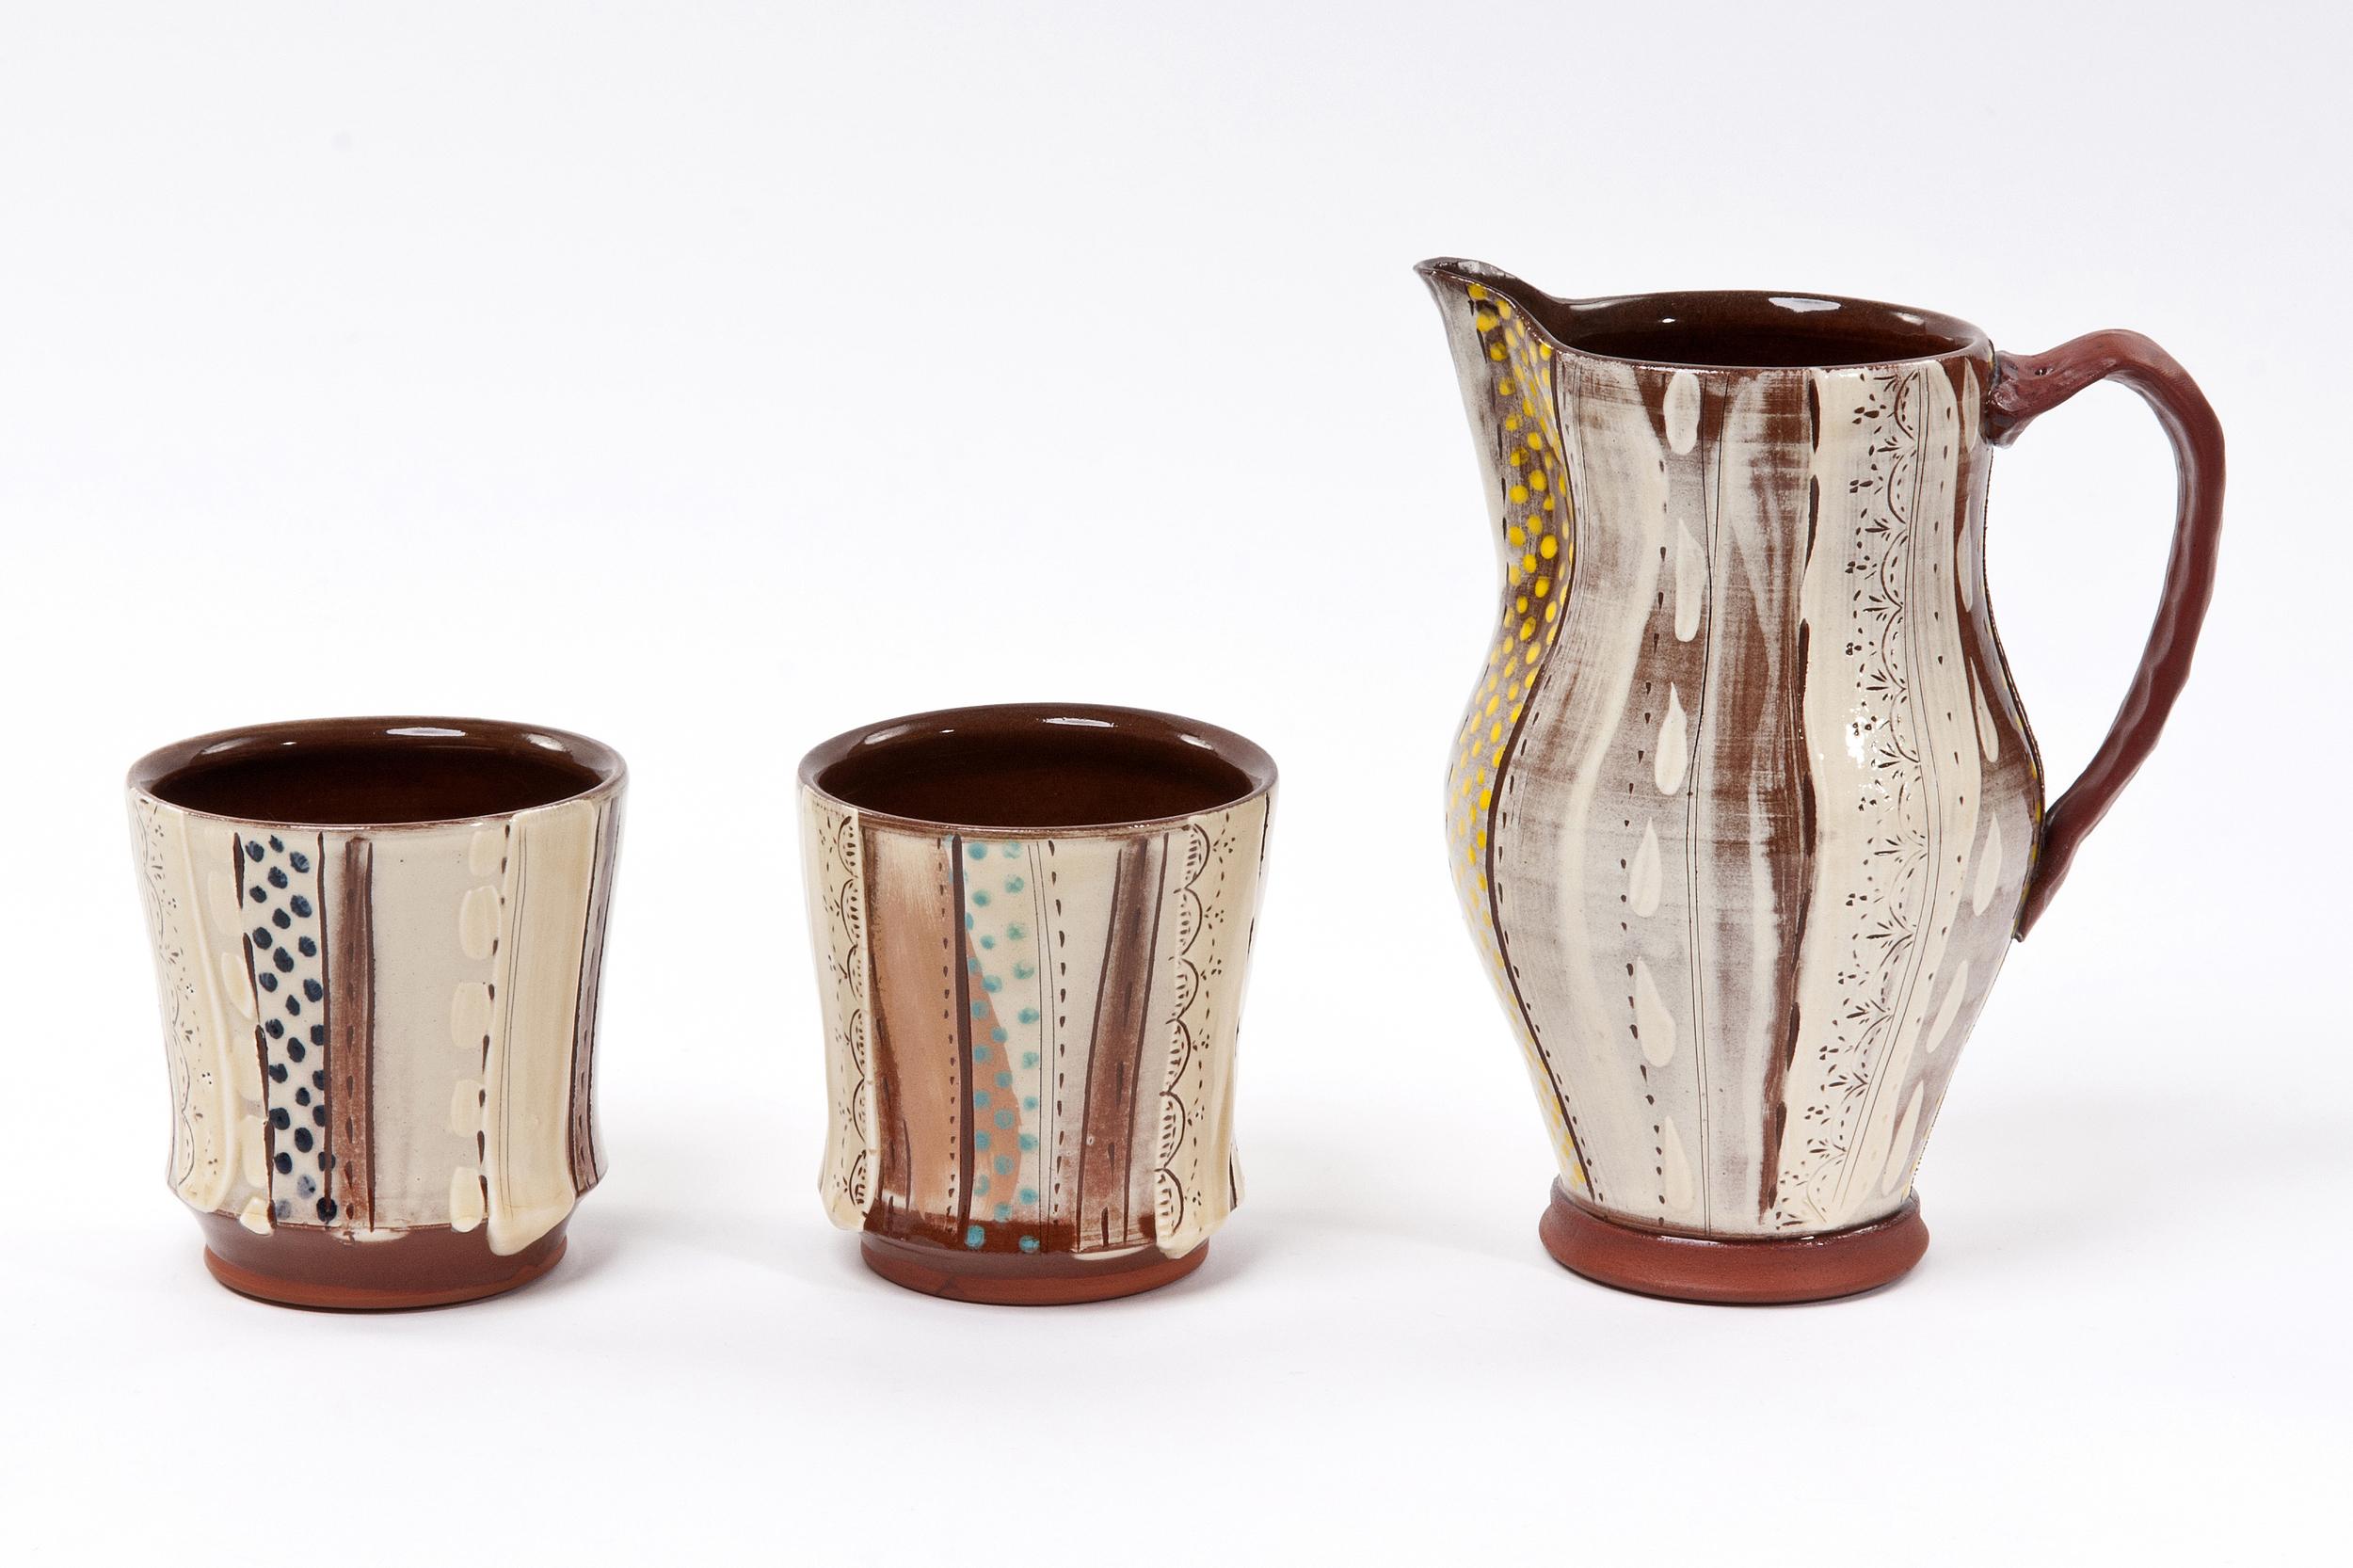 Jug £65, Juice Cups £24